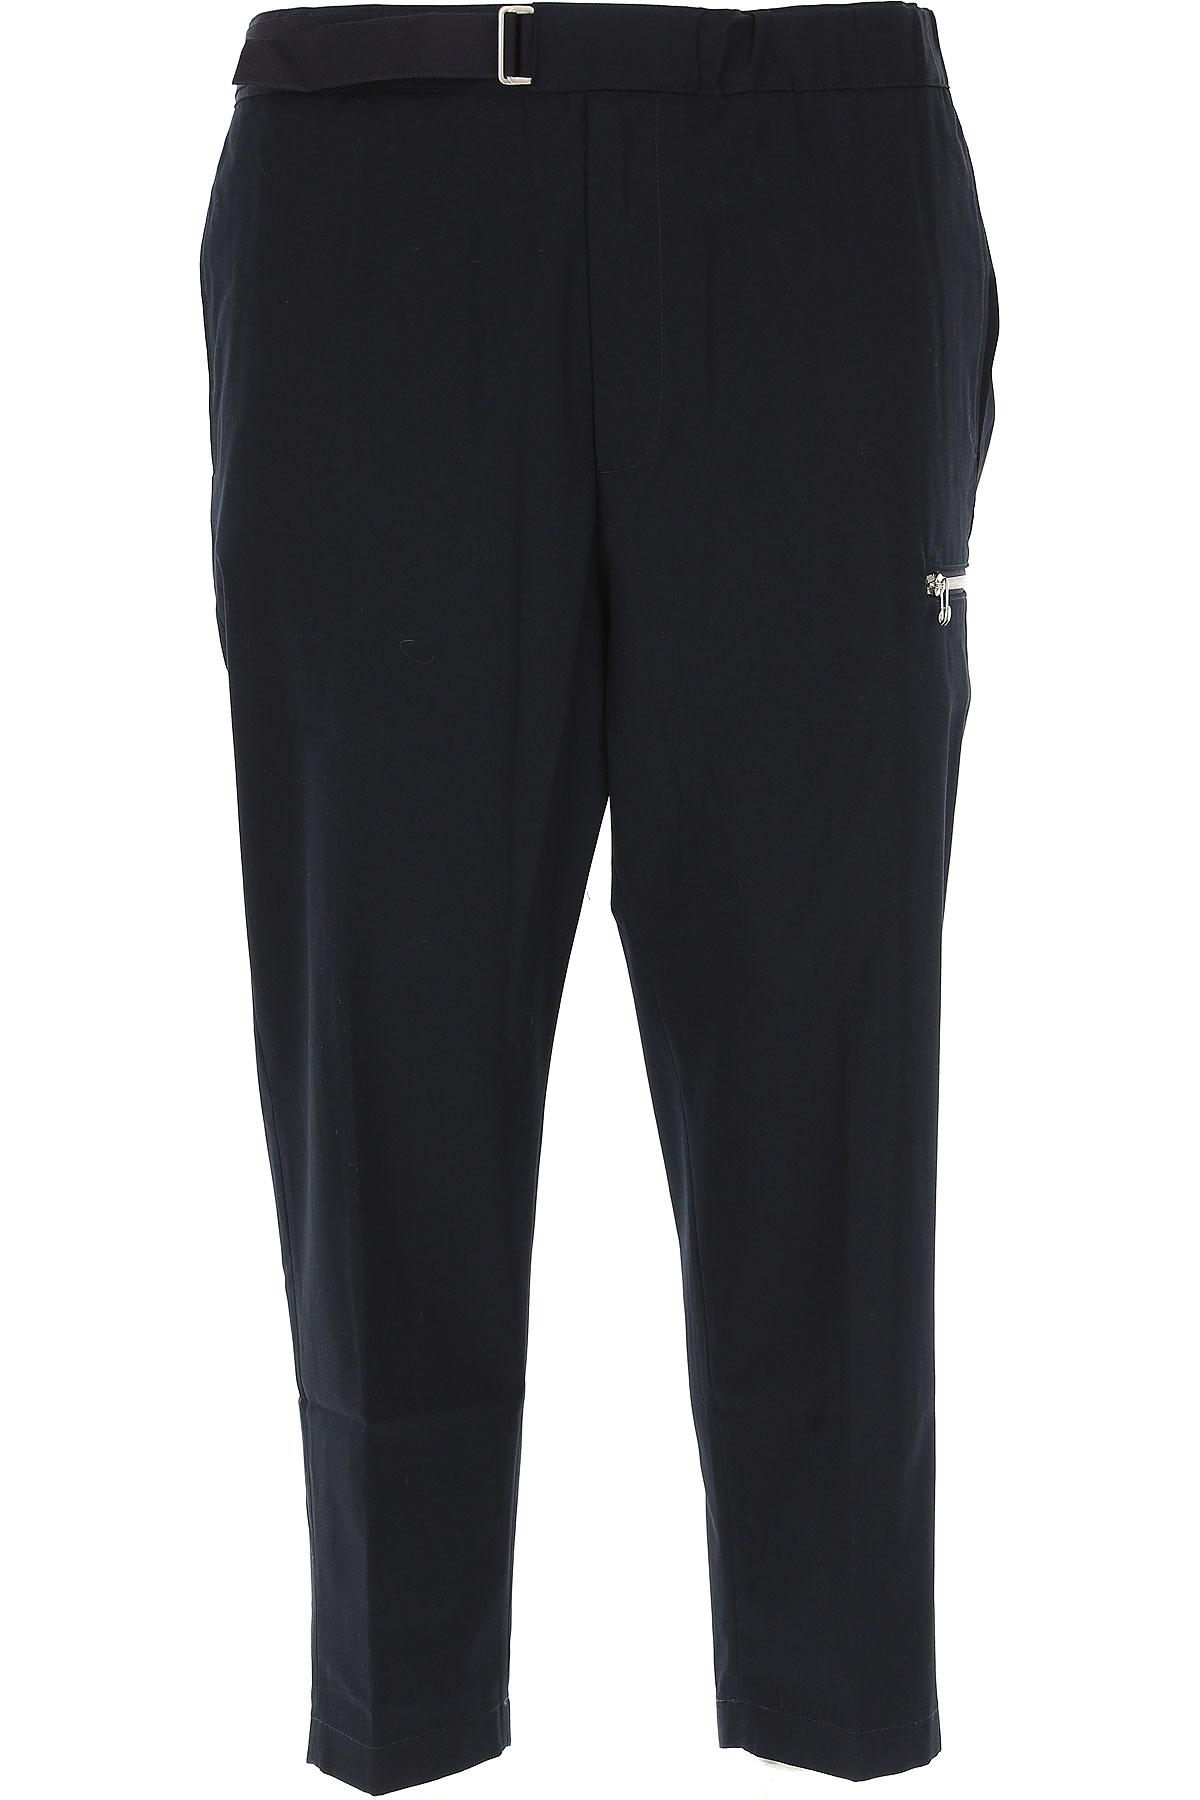 Image of OAMC Pants for Men, Black, Cotton, 2017, L M S XS